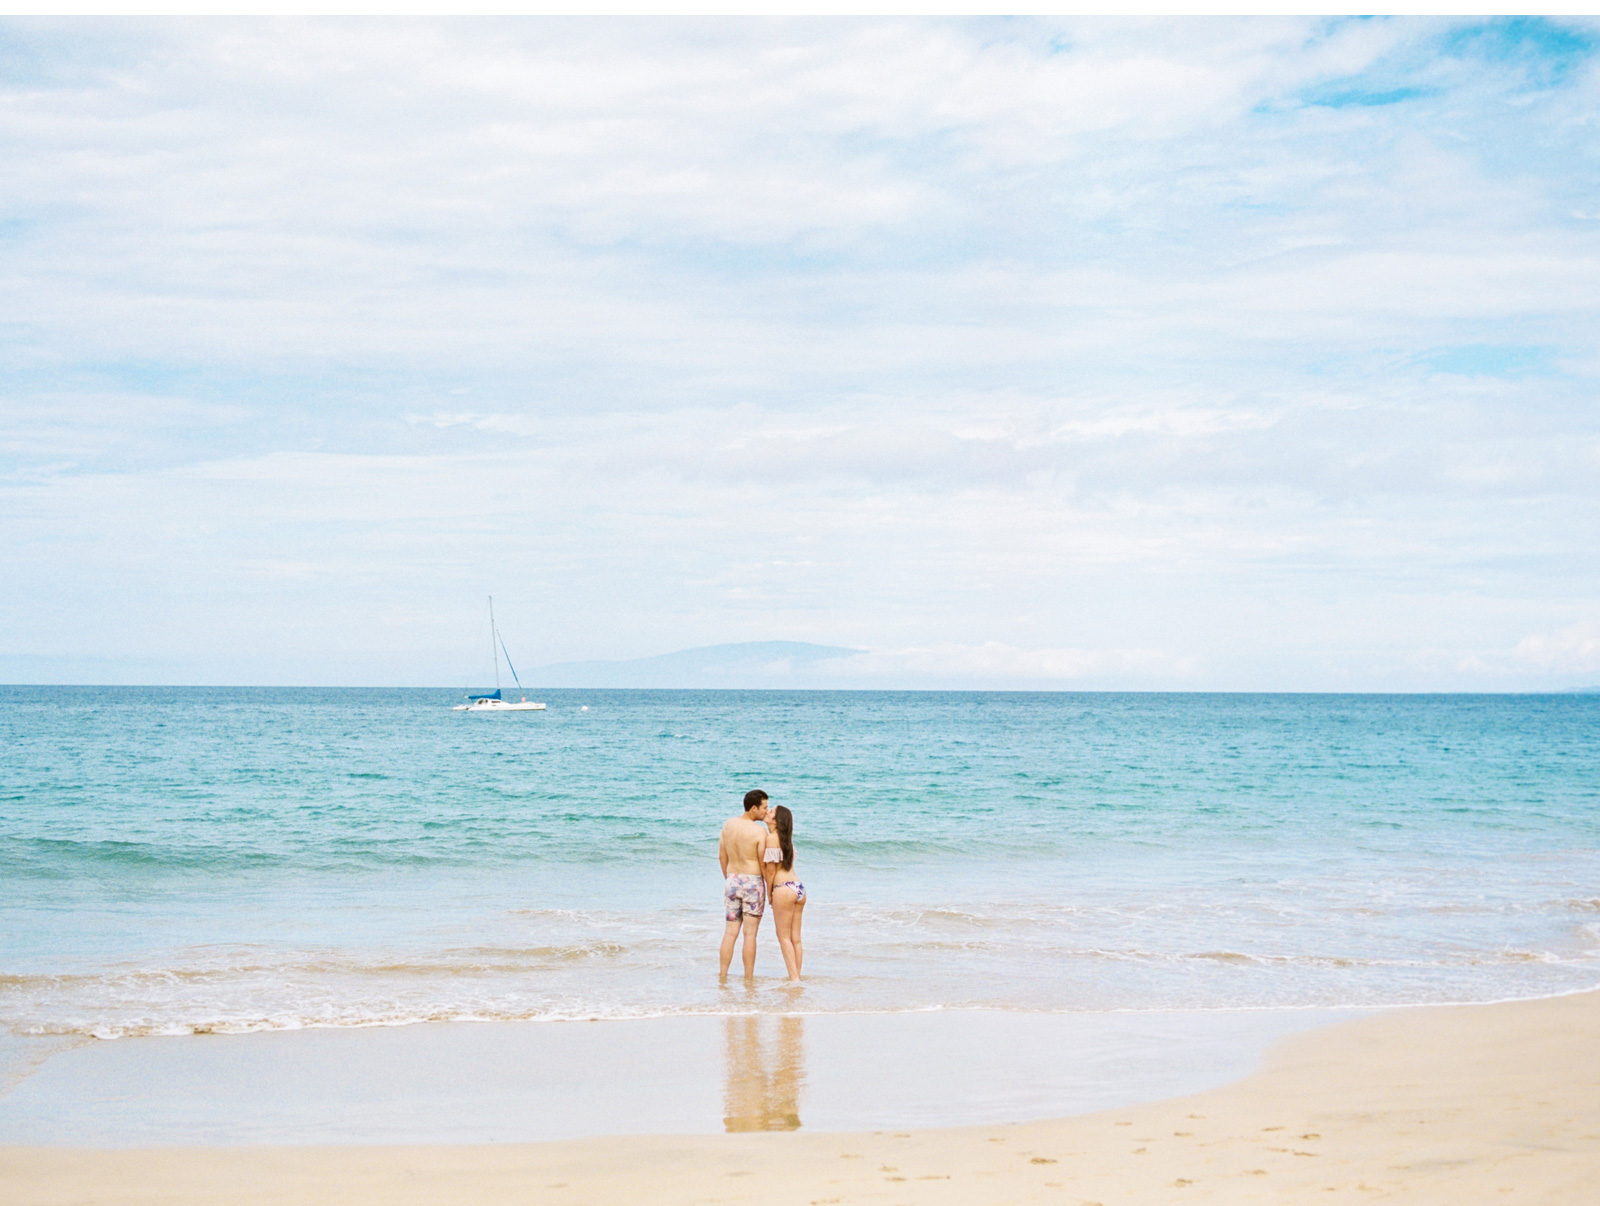 Hawaii-Wedding-Photographer-Natalie-Schutt-Photography_04.jpg